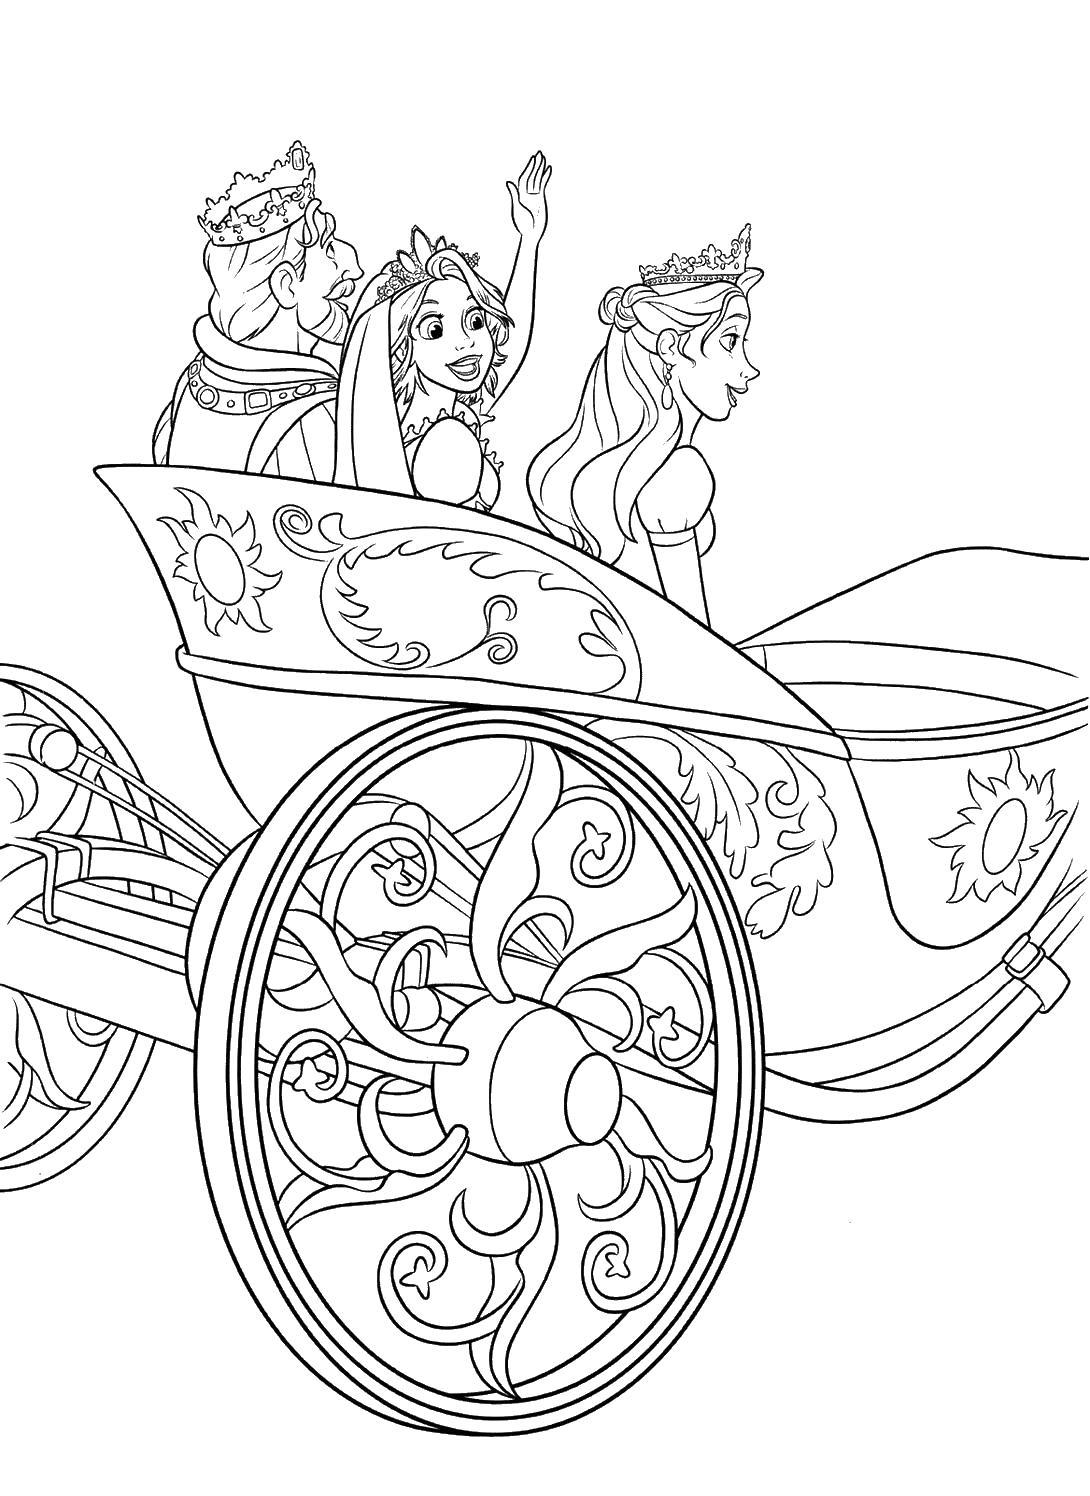 Карета с королем вместе Раскраски с цветами распечатать бесплатно